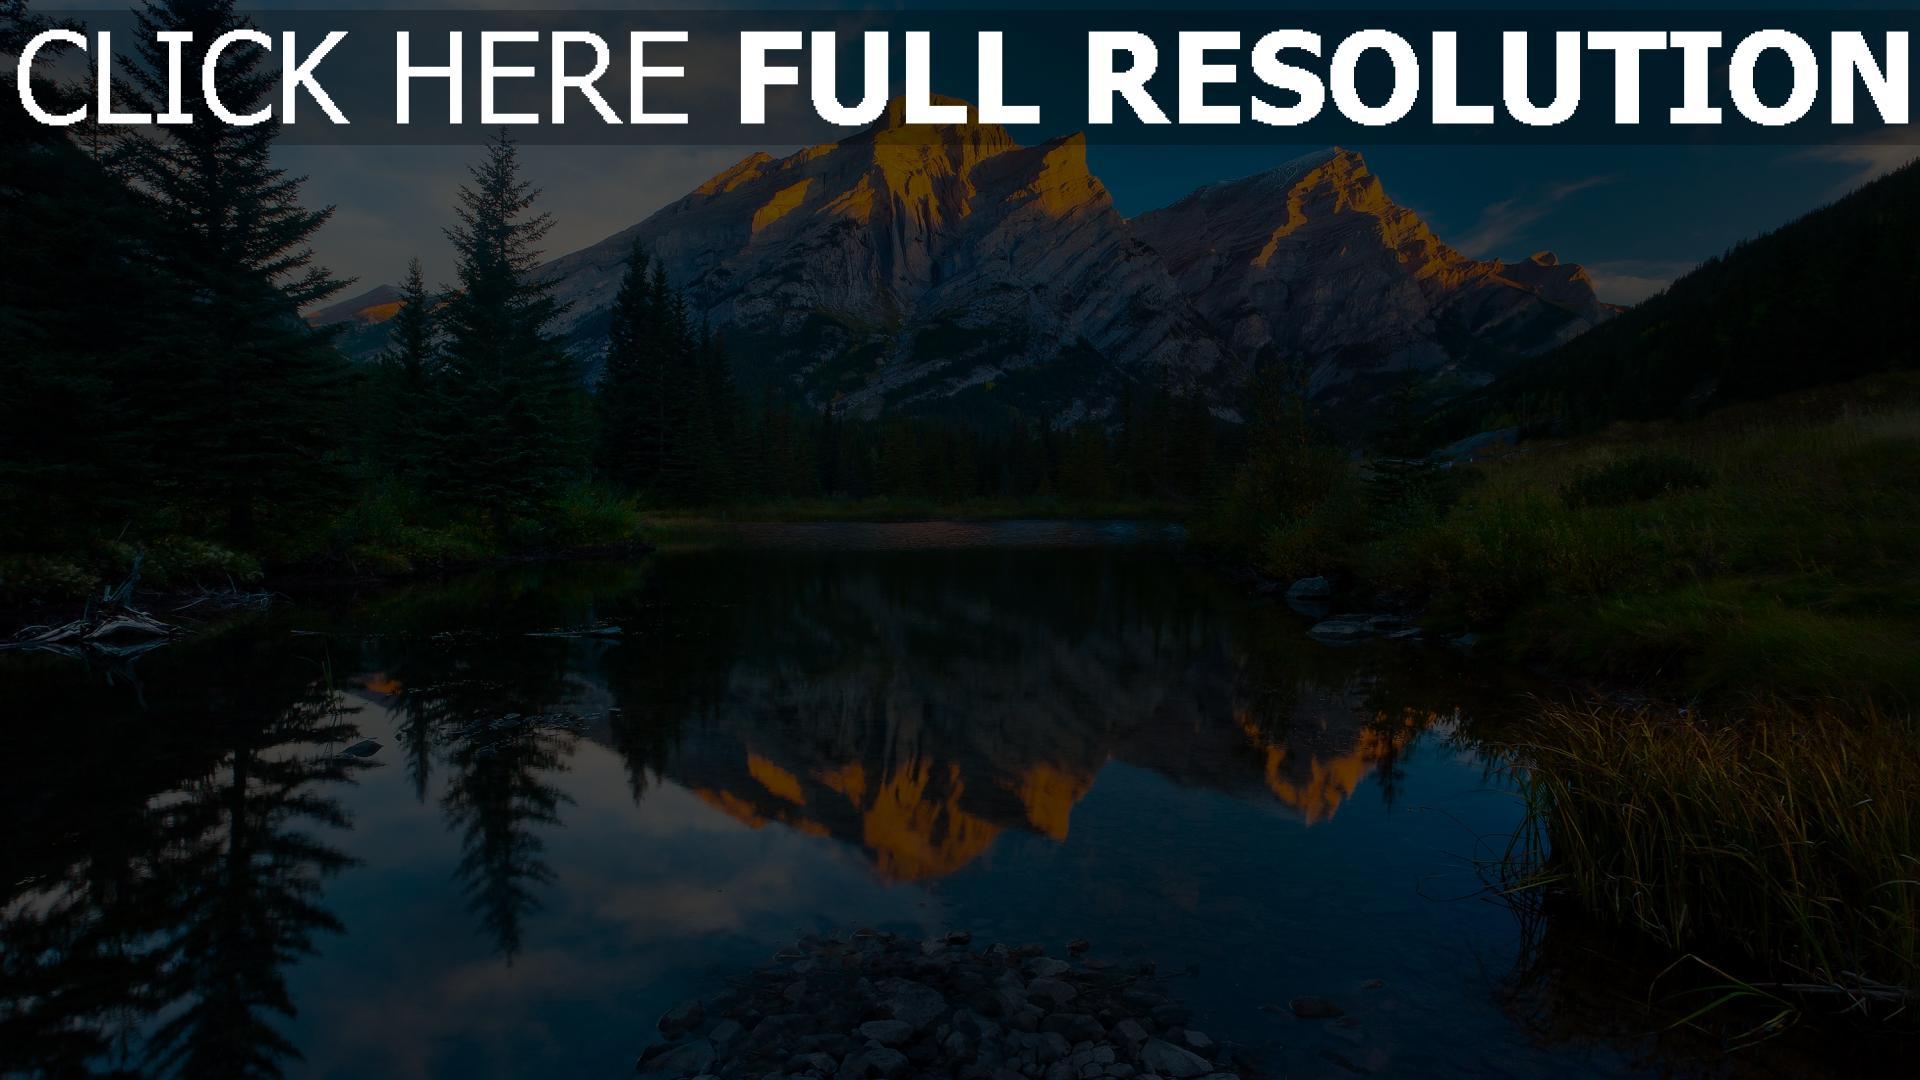 hd hintergrundbilder berge see essen wasser reflexion 1920x1080